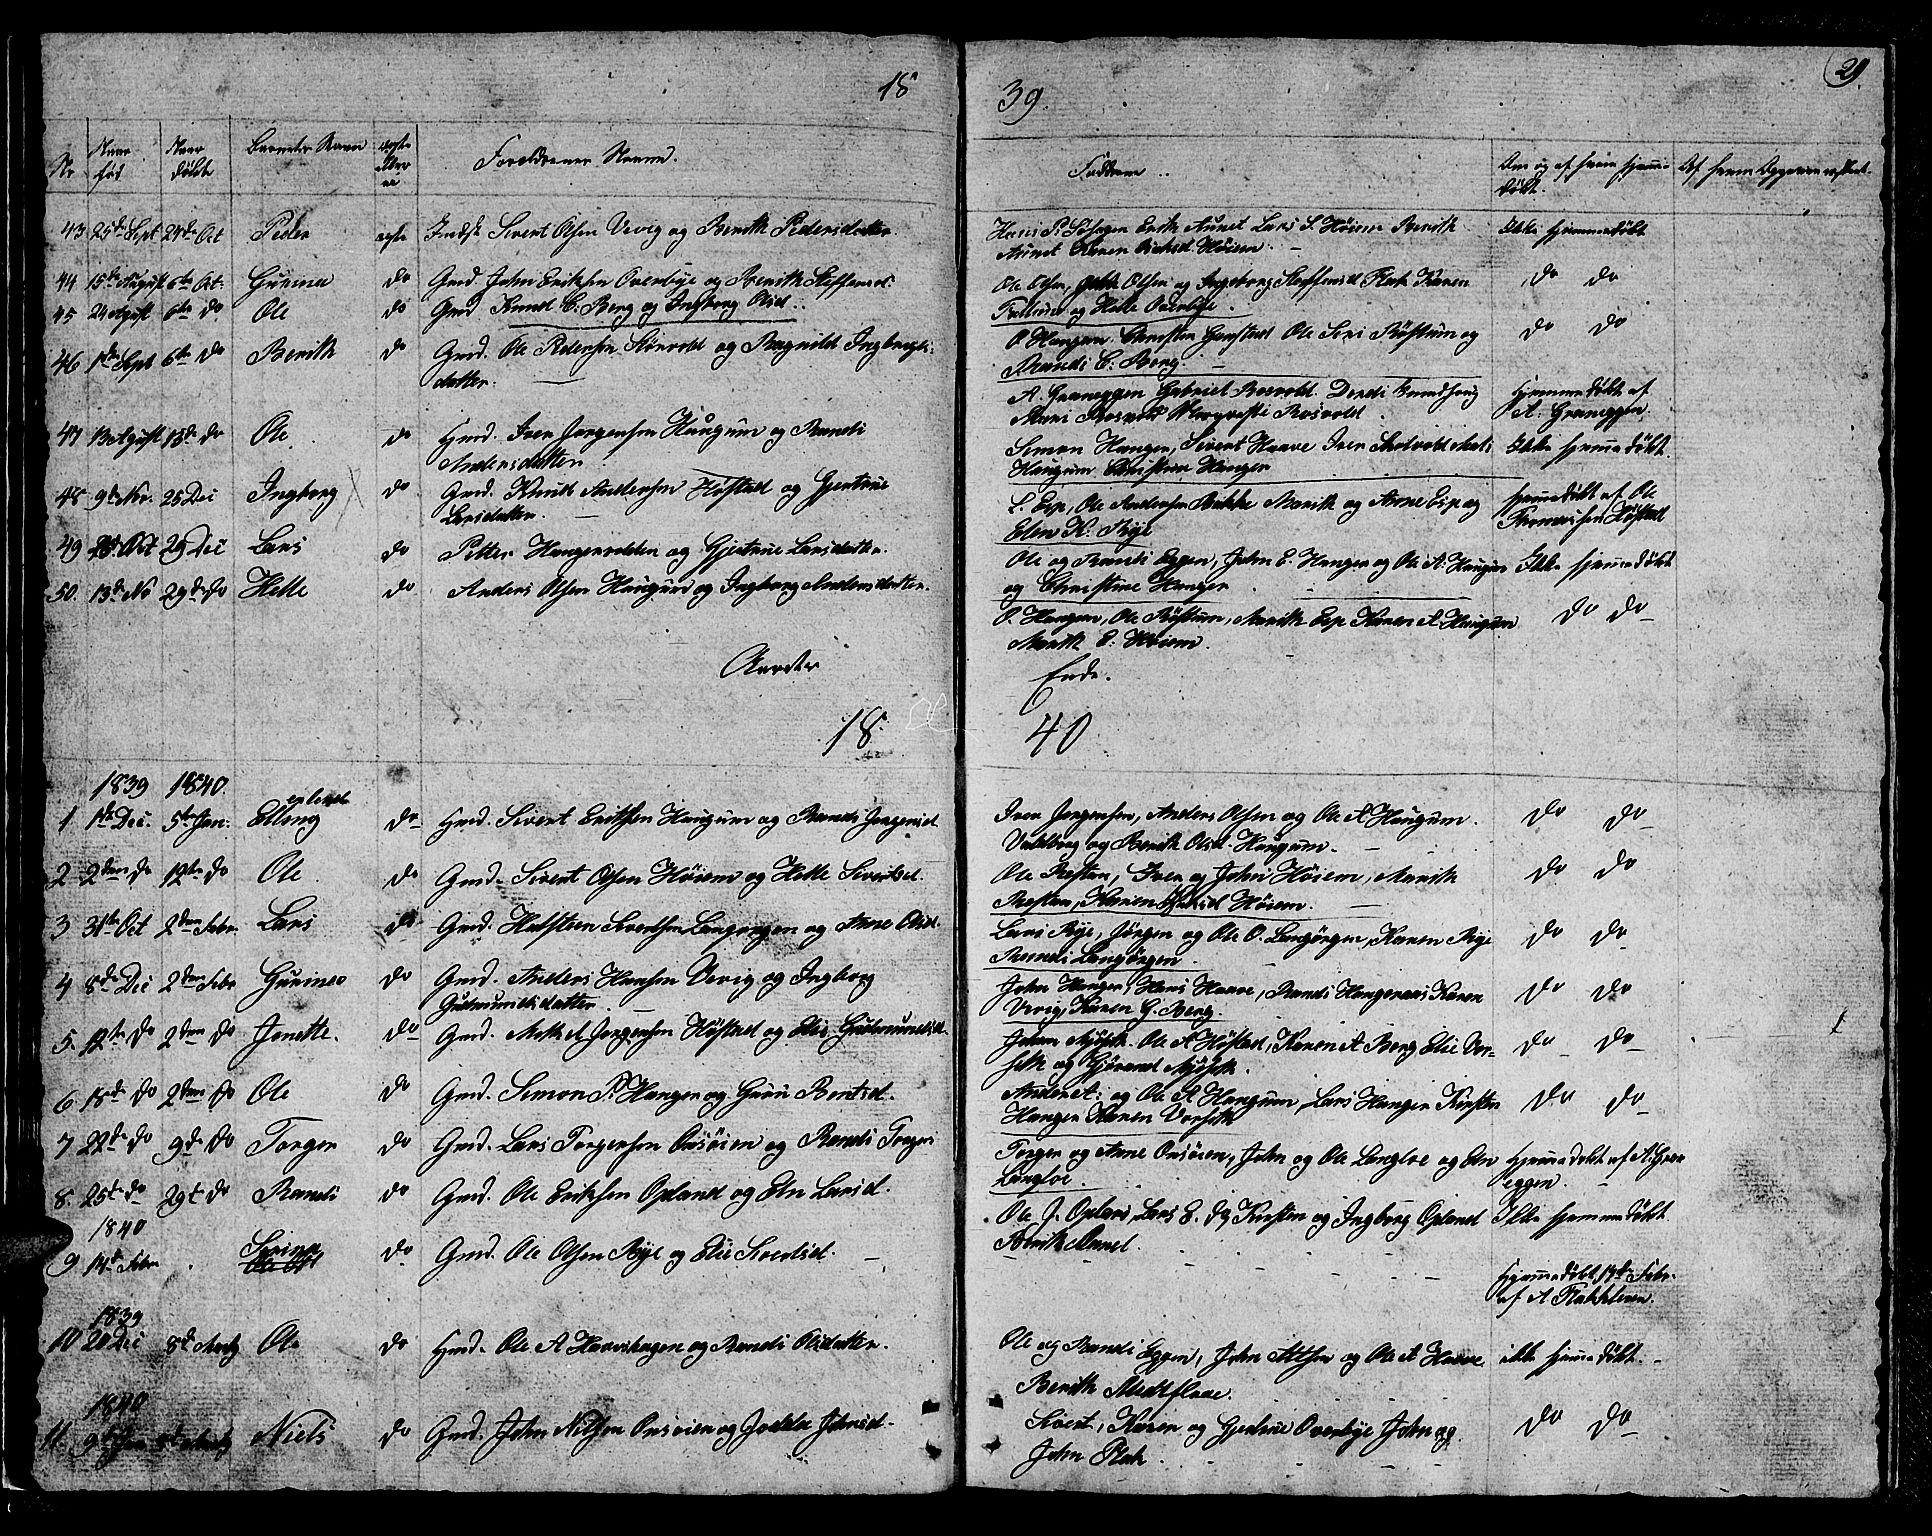 SAT, Ministerialprotokoller, klokkerbøker og fødselsregistre - Sør-Trøndelag, 612/L0386: Klokkerbok nr. 612C02, 1834-1845, s. 29